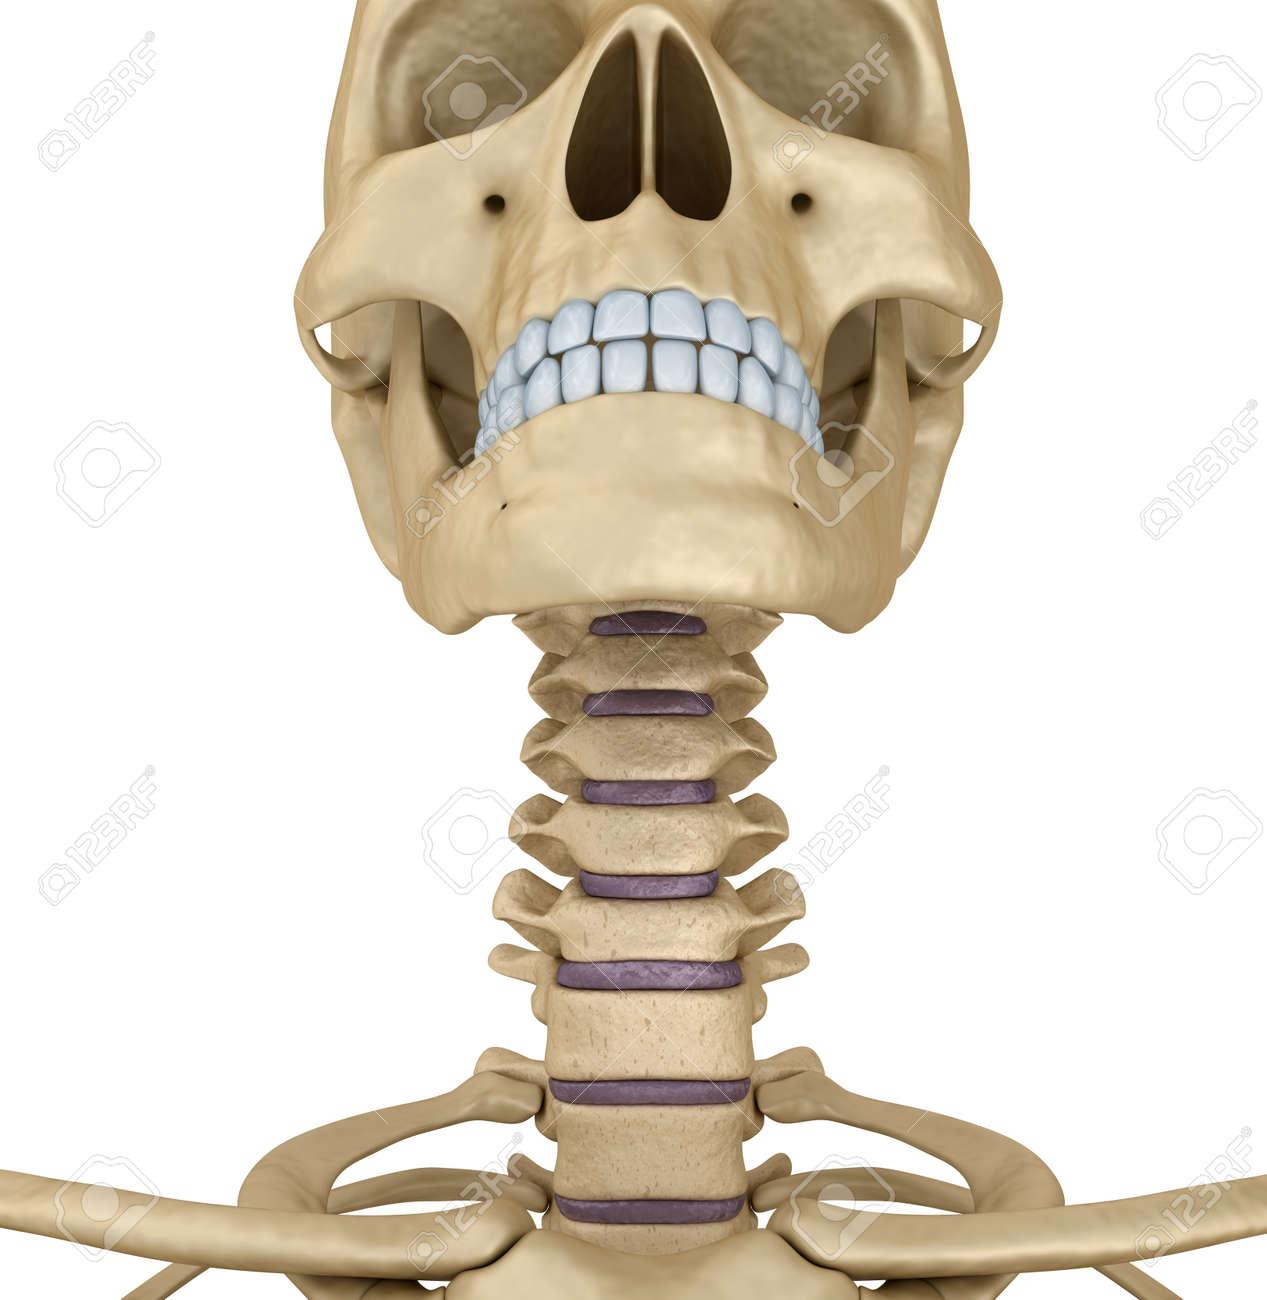 Menschlicher Schädel Skelett: Hals, Isoliert. Medizinisch Genaue 3D ...